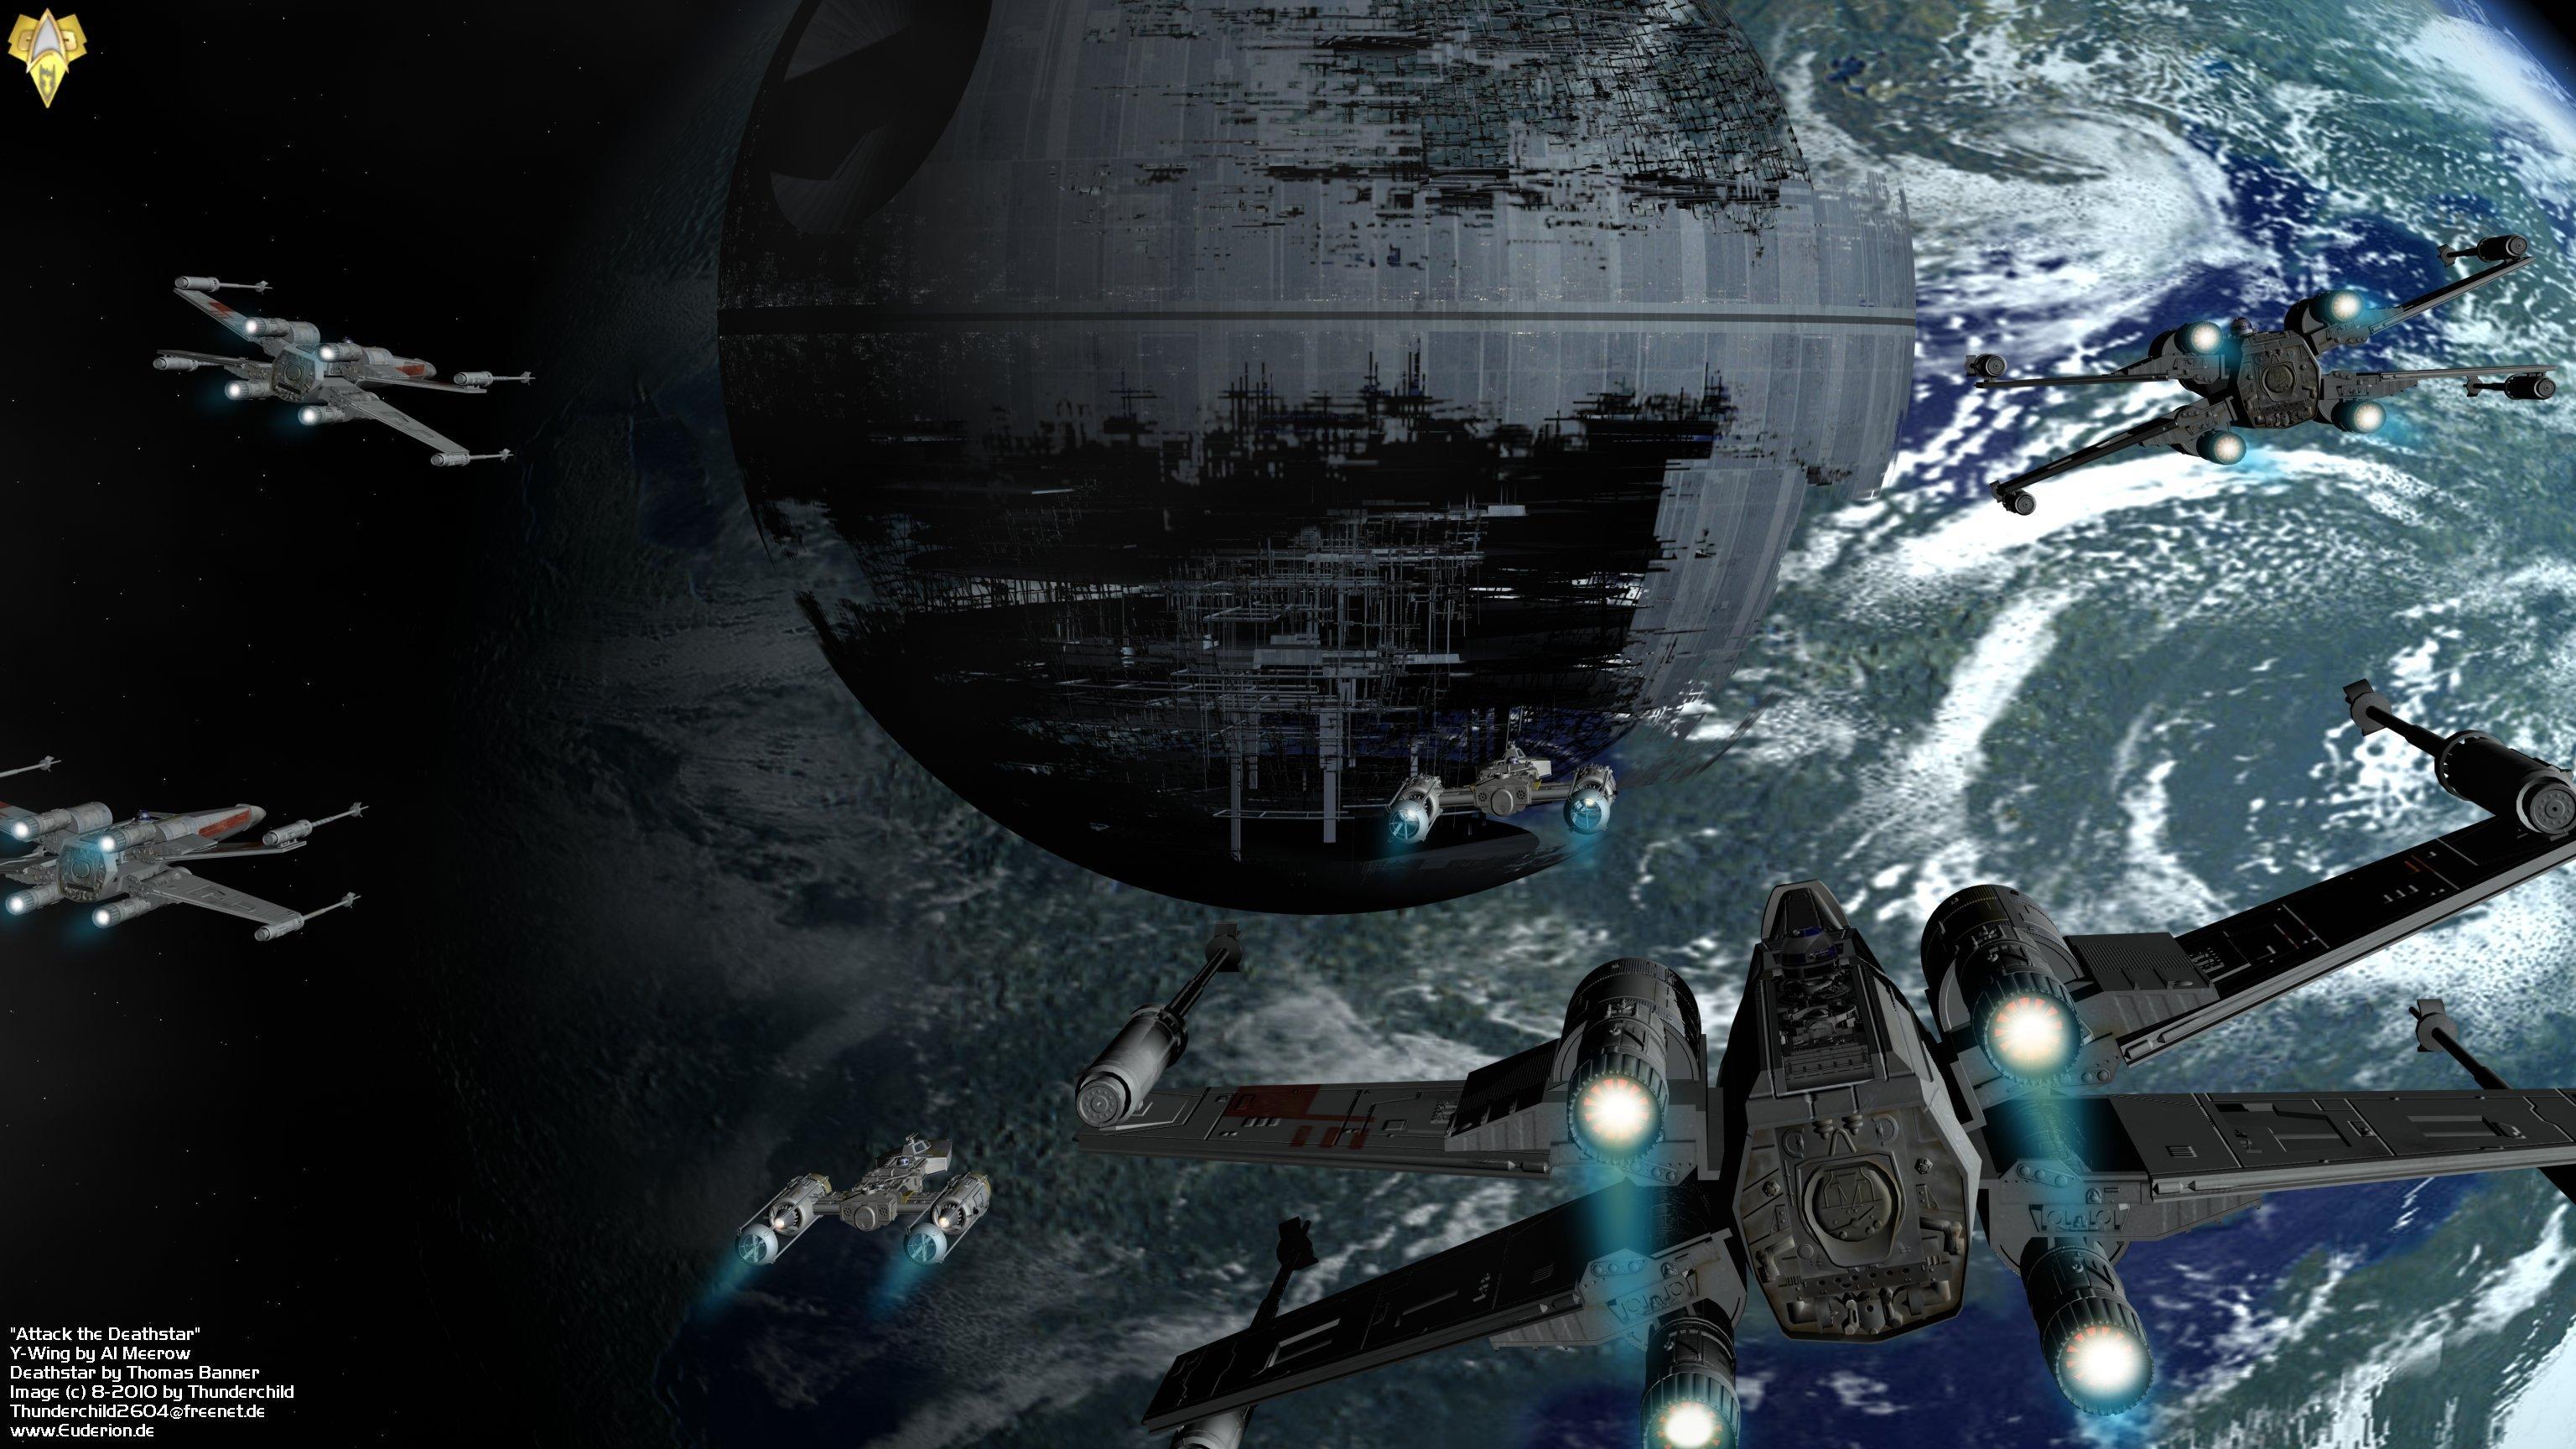 1280x1280 Wallpaper: Star Wars Galaxies Wallpaper